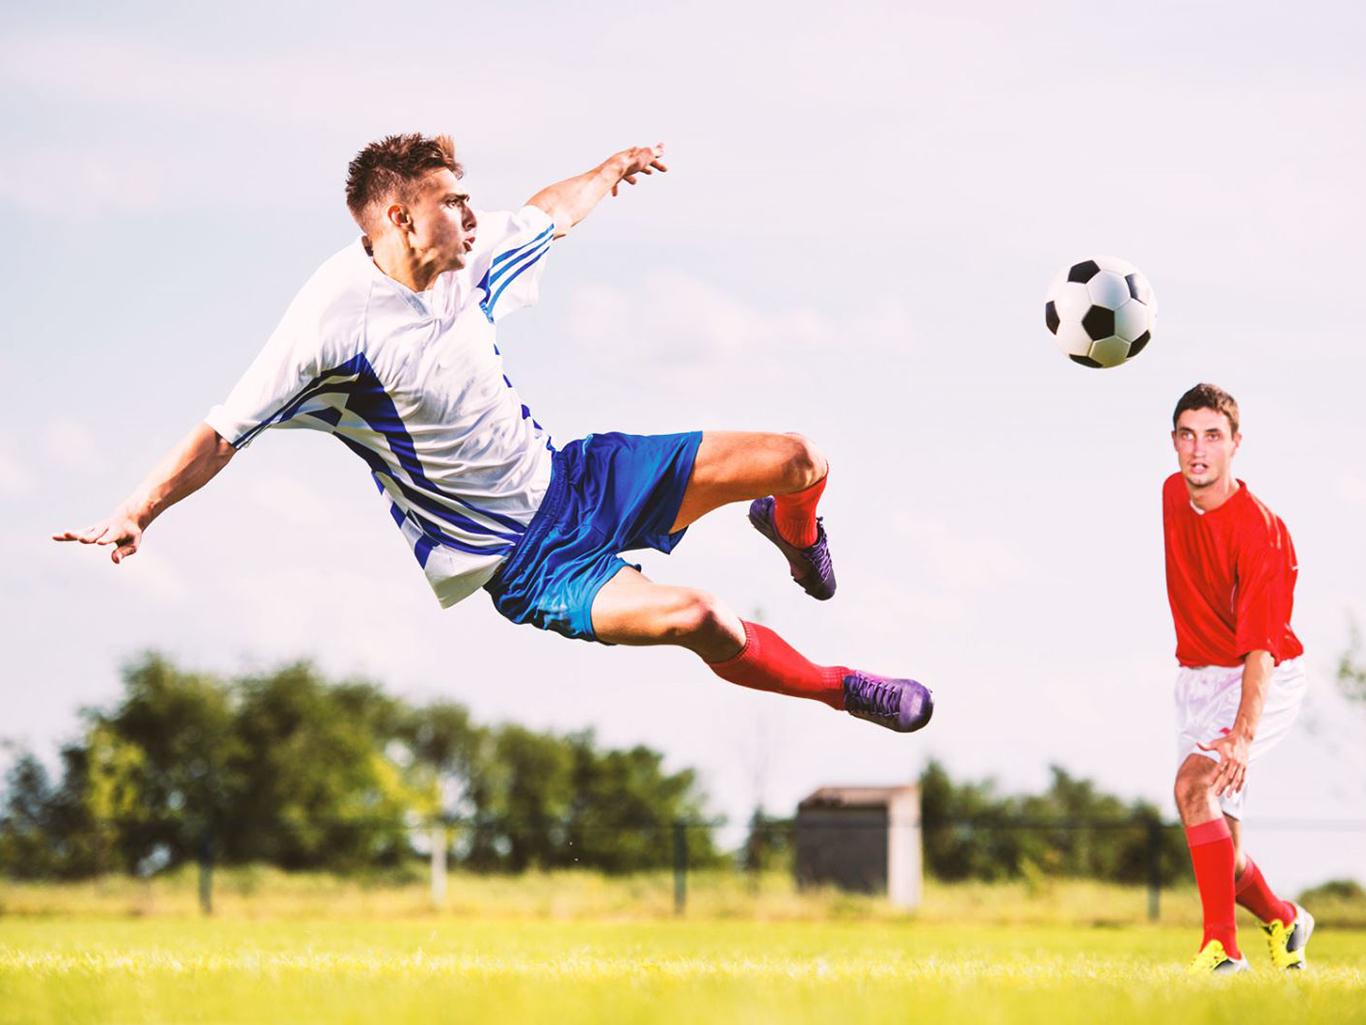 Cамые мужские виды спорта